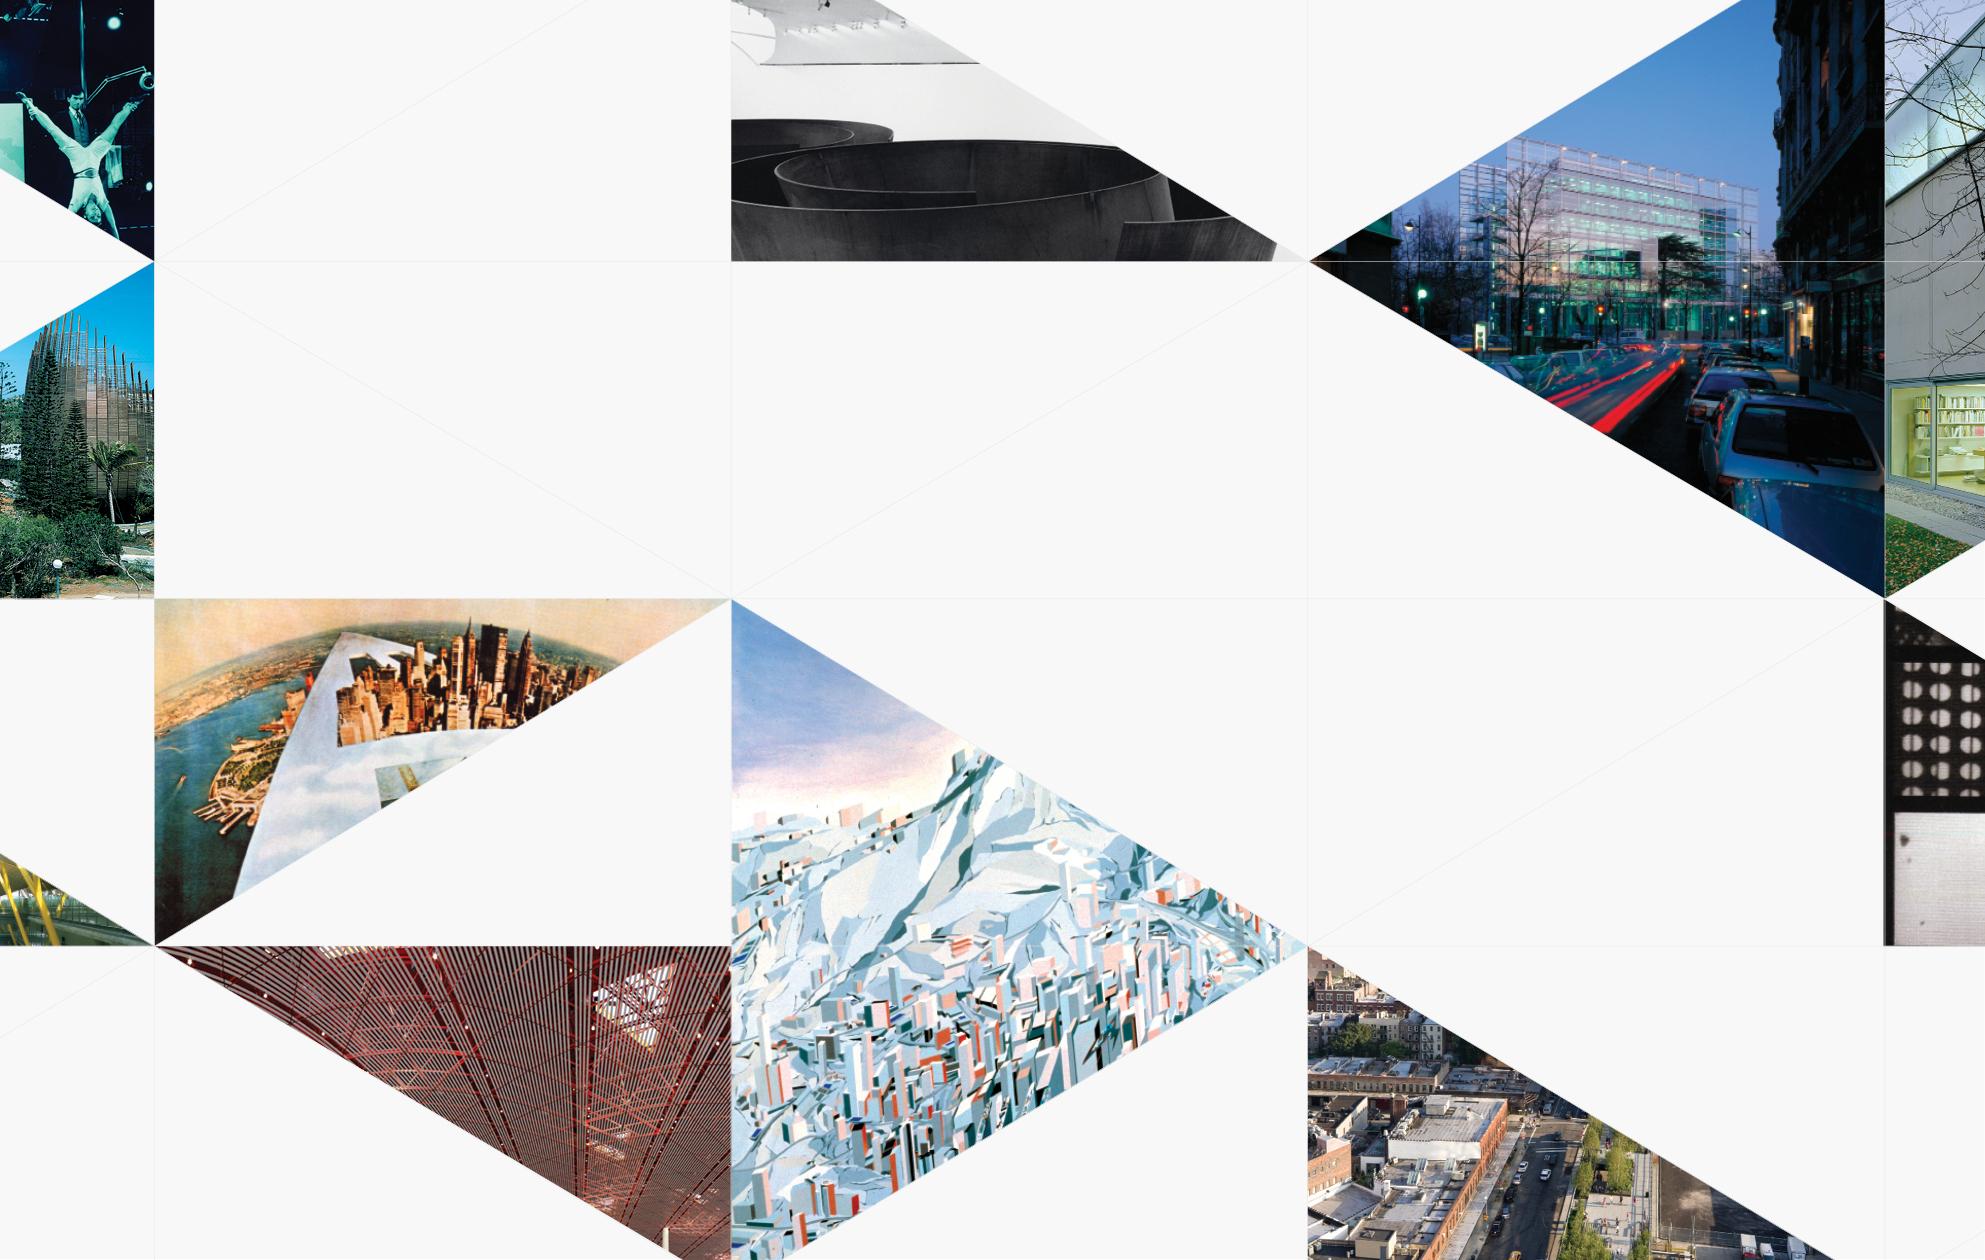 ART-ARCHITECTURE COMPLEX